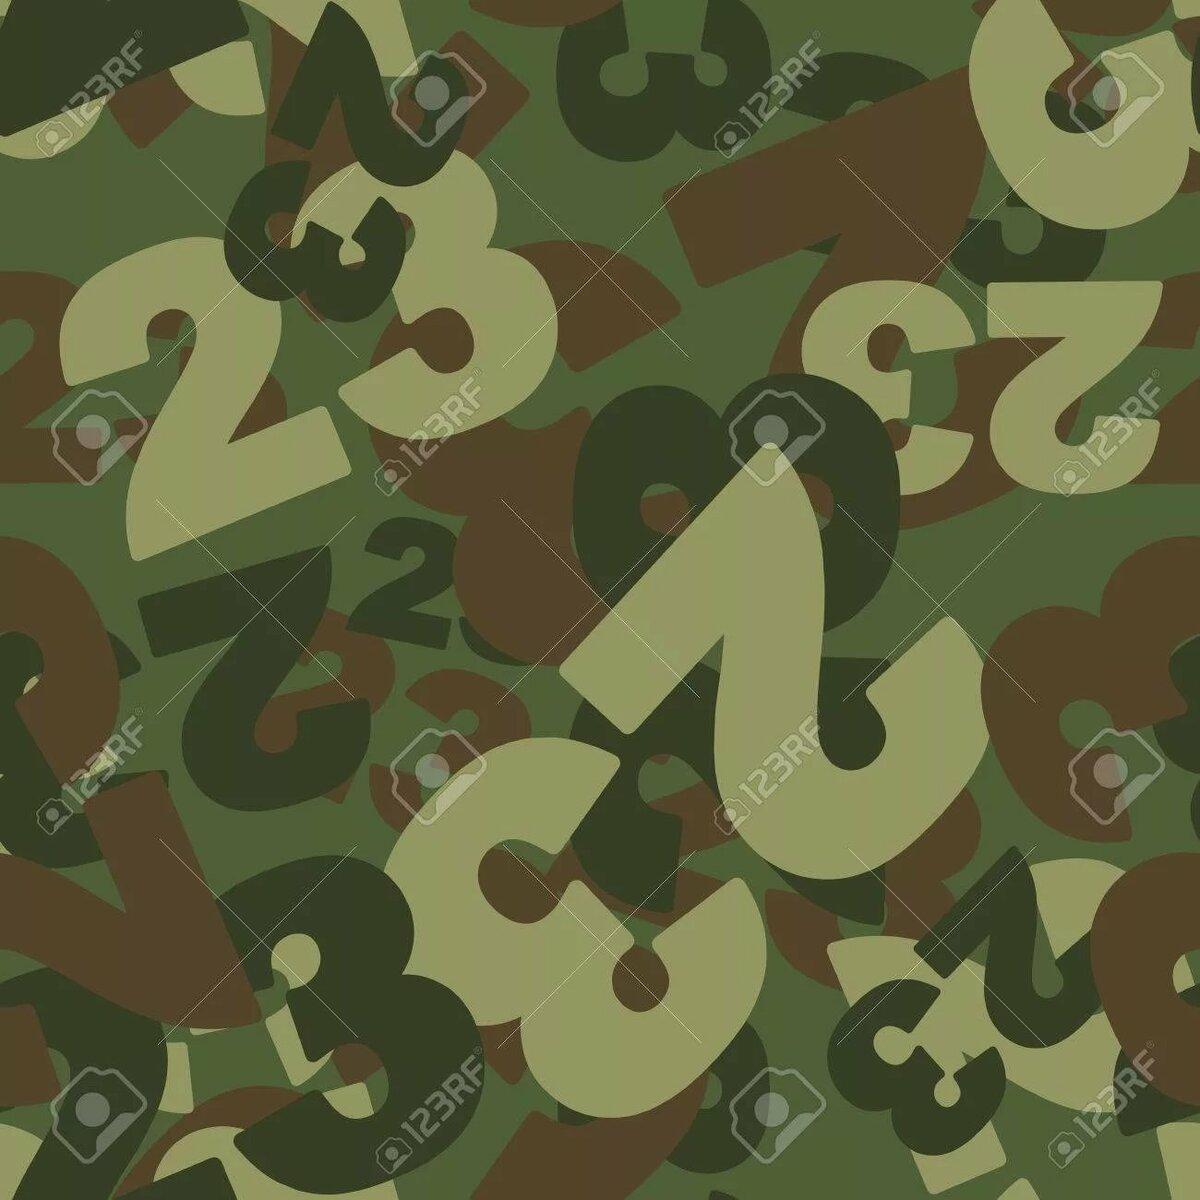 к 23 февраля открытка солдат в камуфляжной одежде расторгуев